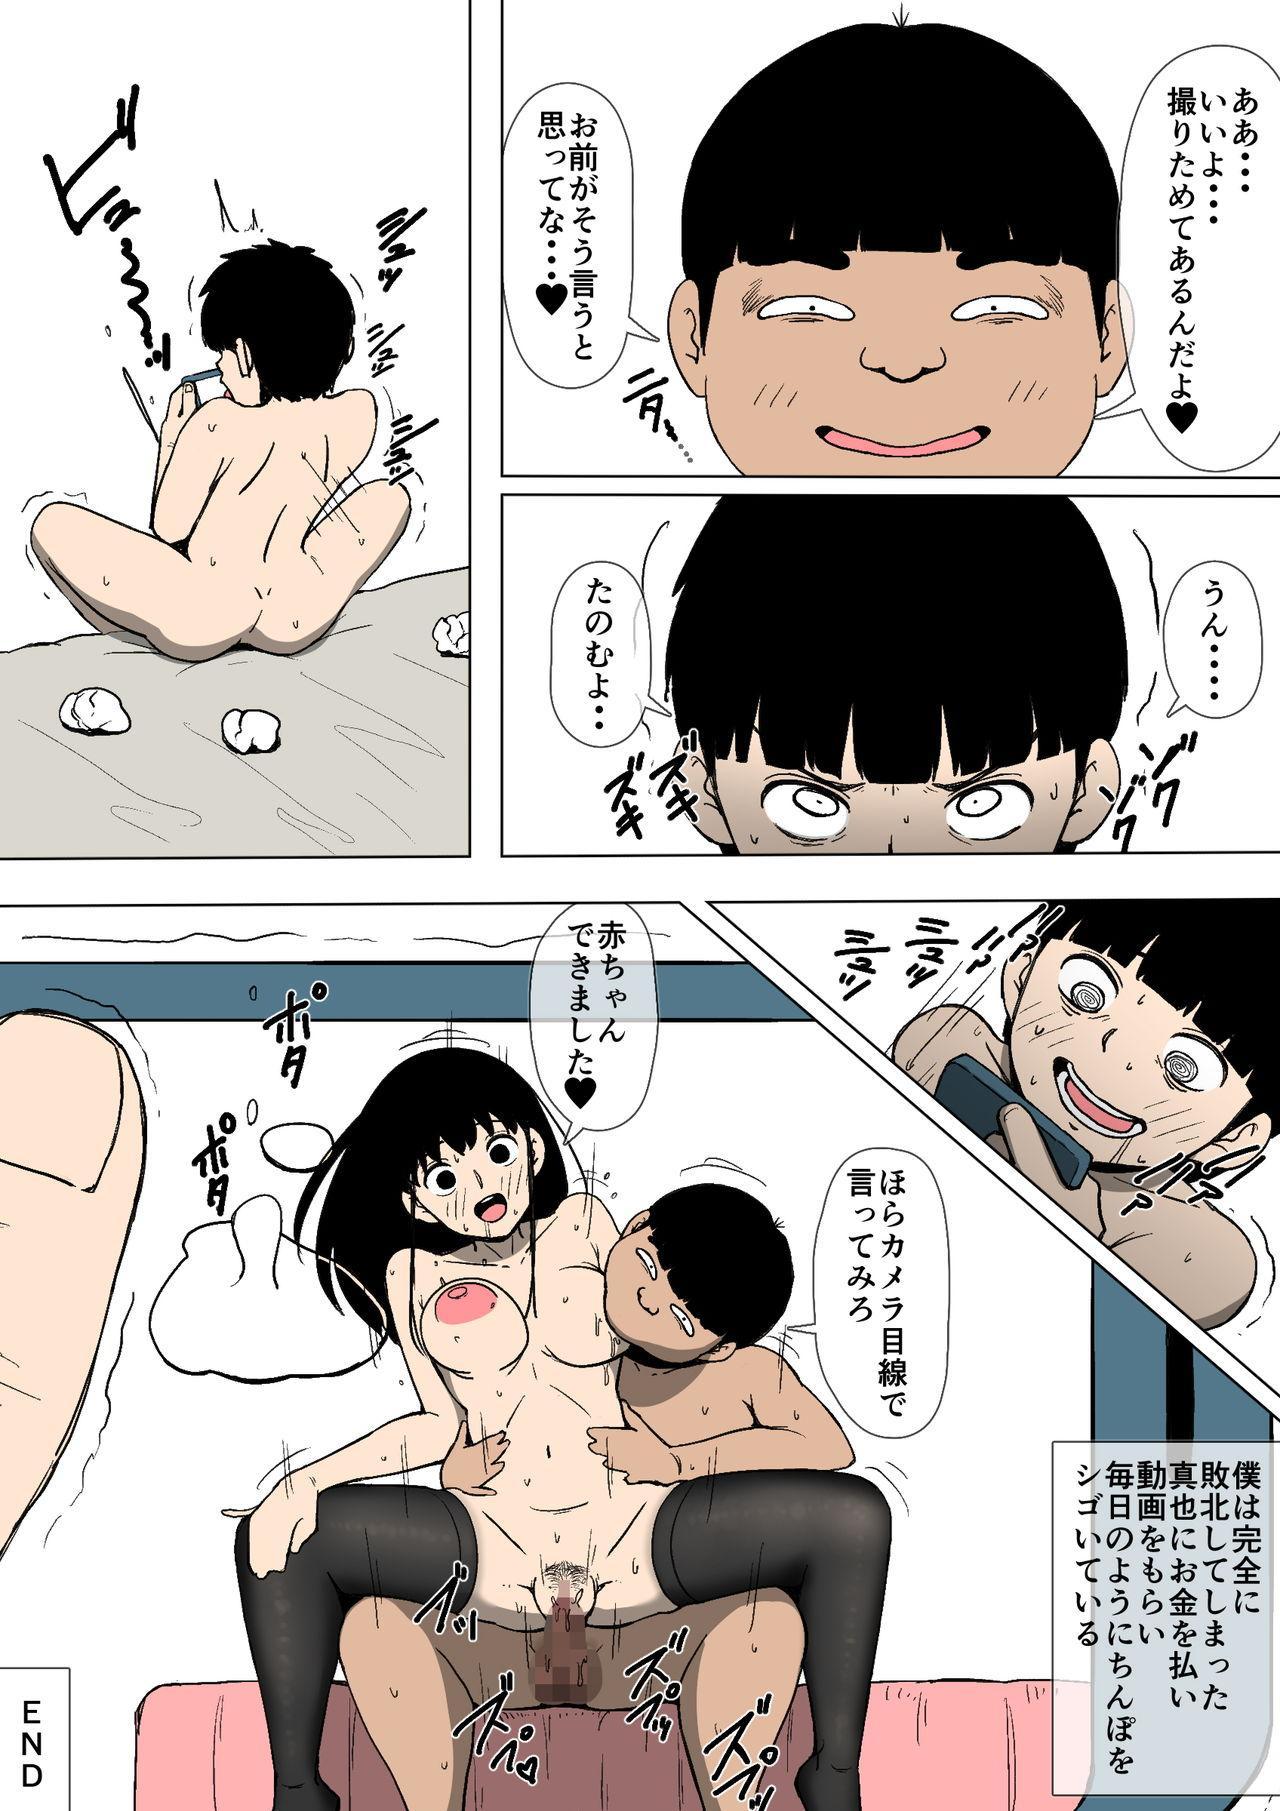 Akogare no Onee-san to Aitsu ga Tsukiatte Ita 25